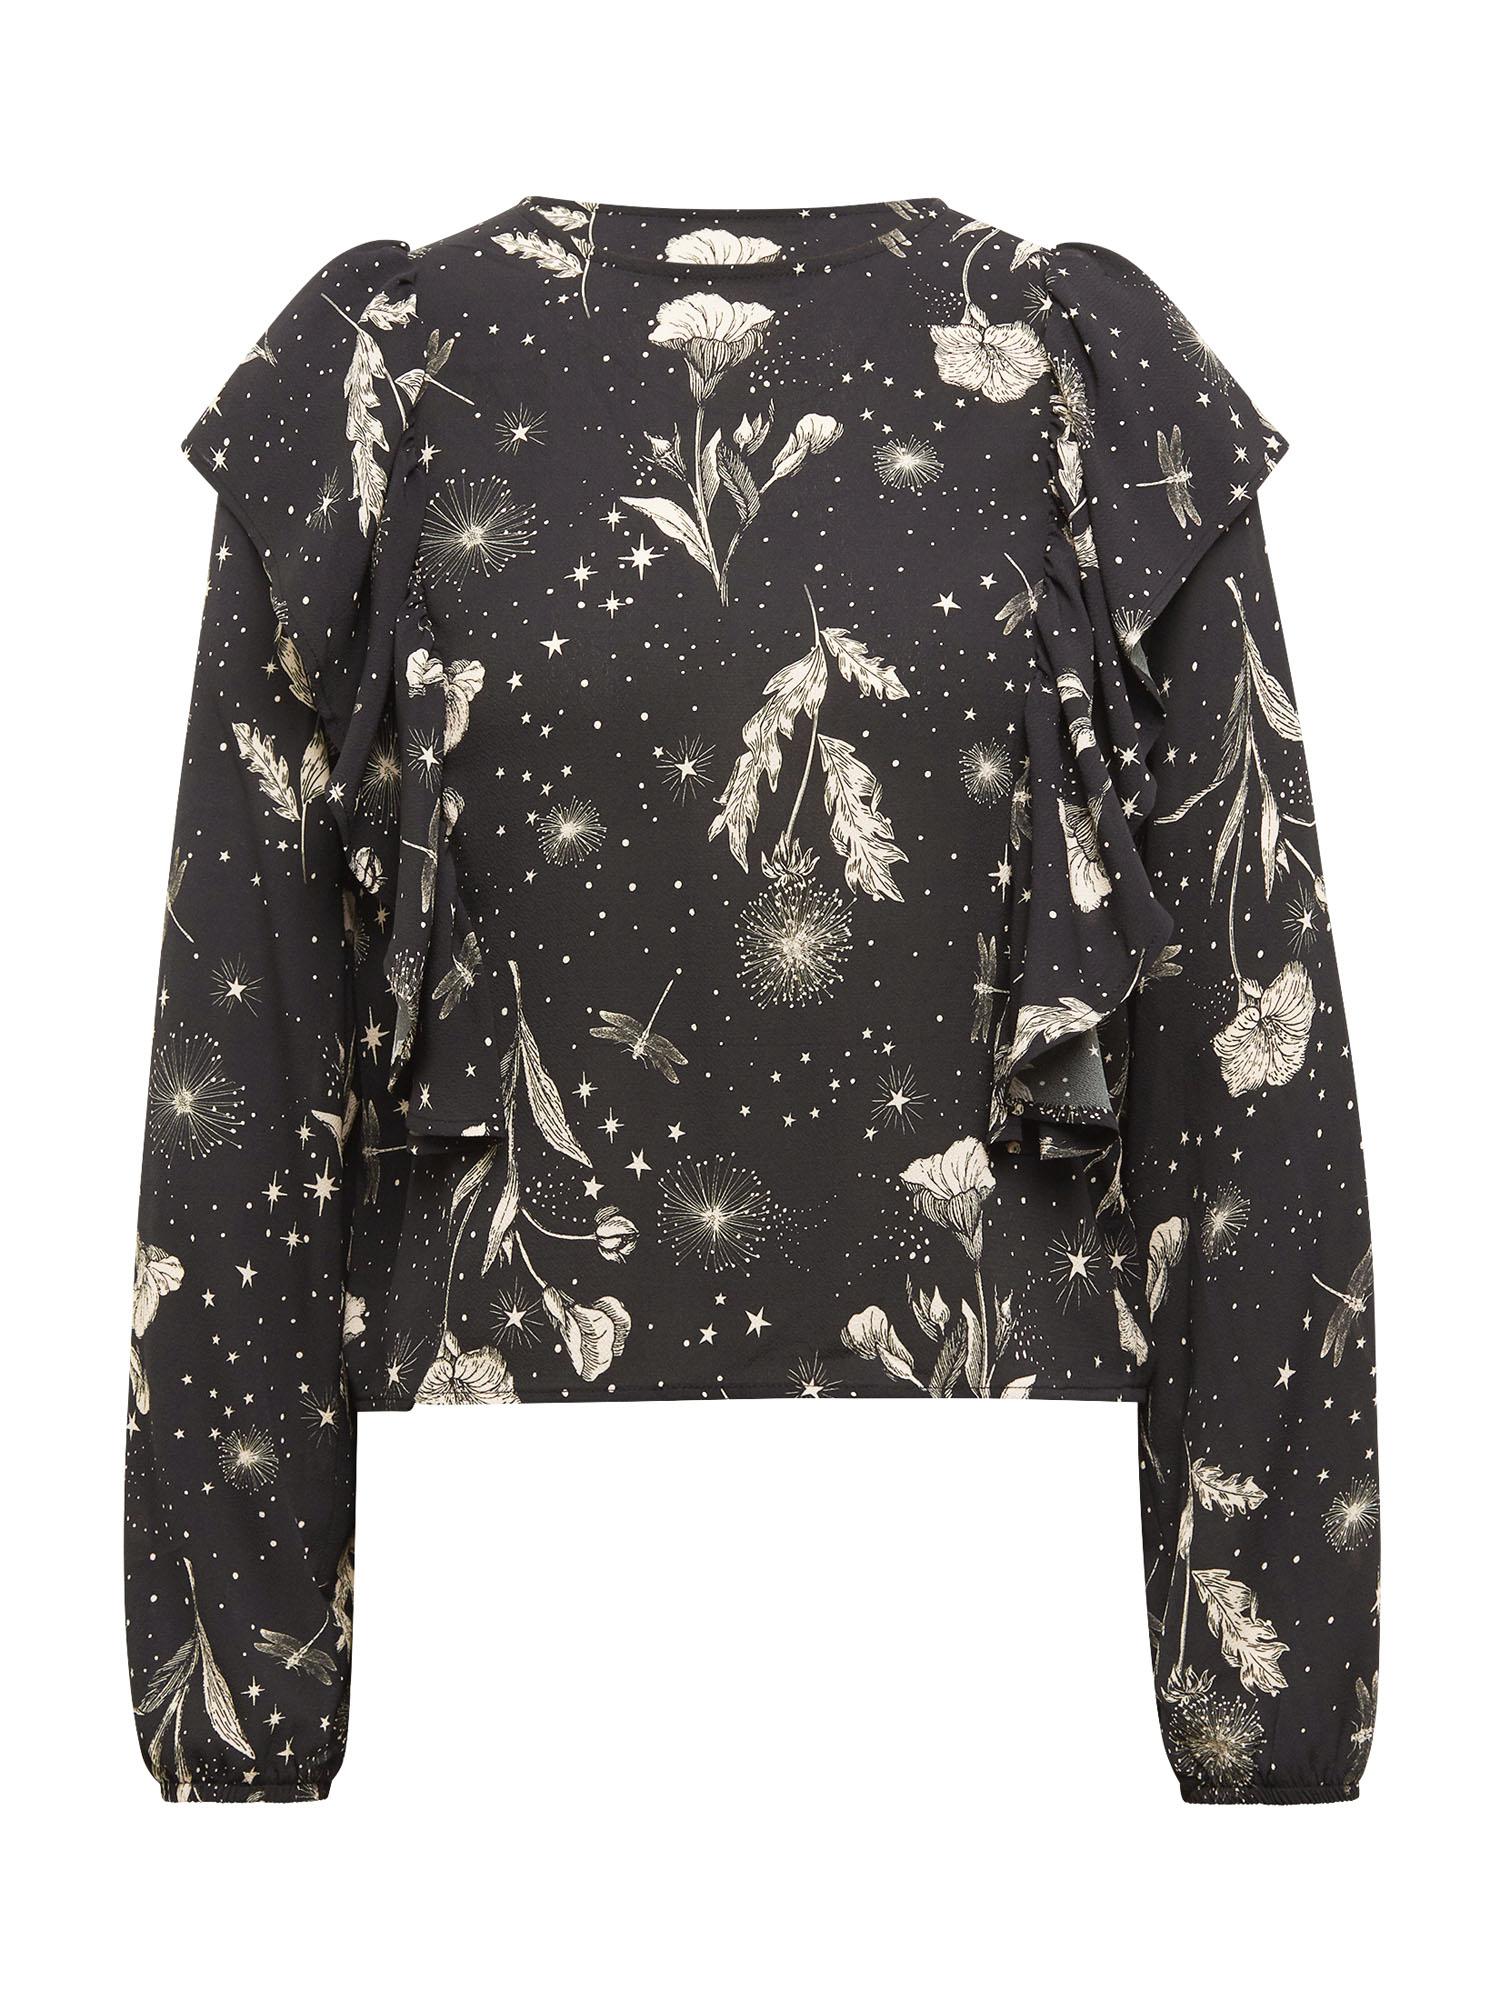 Mavi Schlupfbluse, im Blumenmuster und Volant schwarz Damen Schlupfbluse langarm Blusen Tuniken